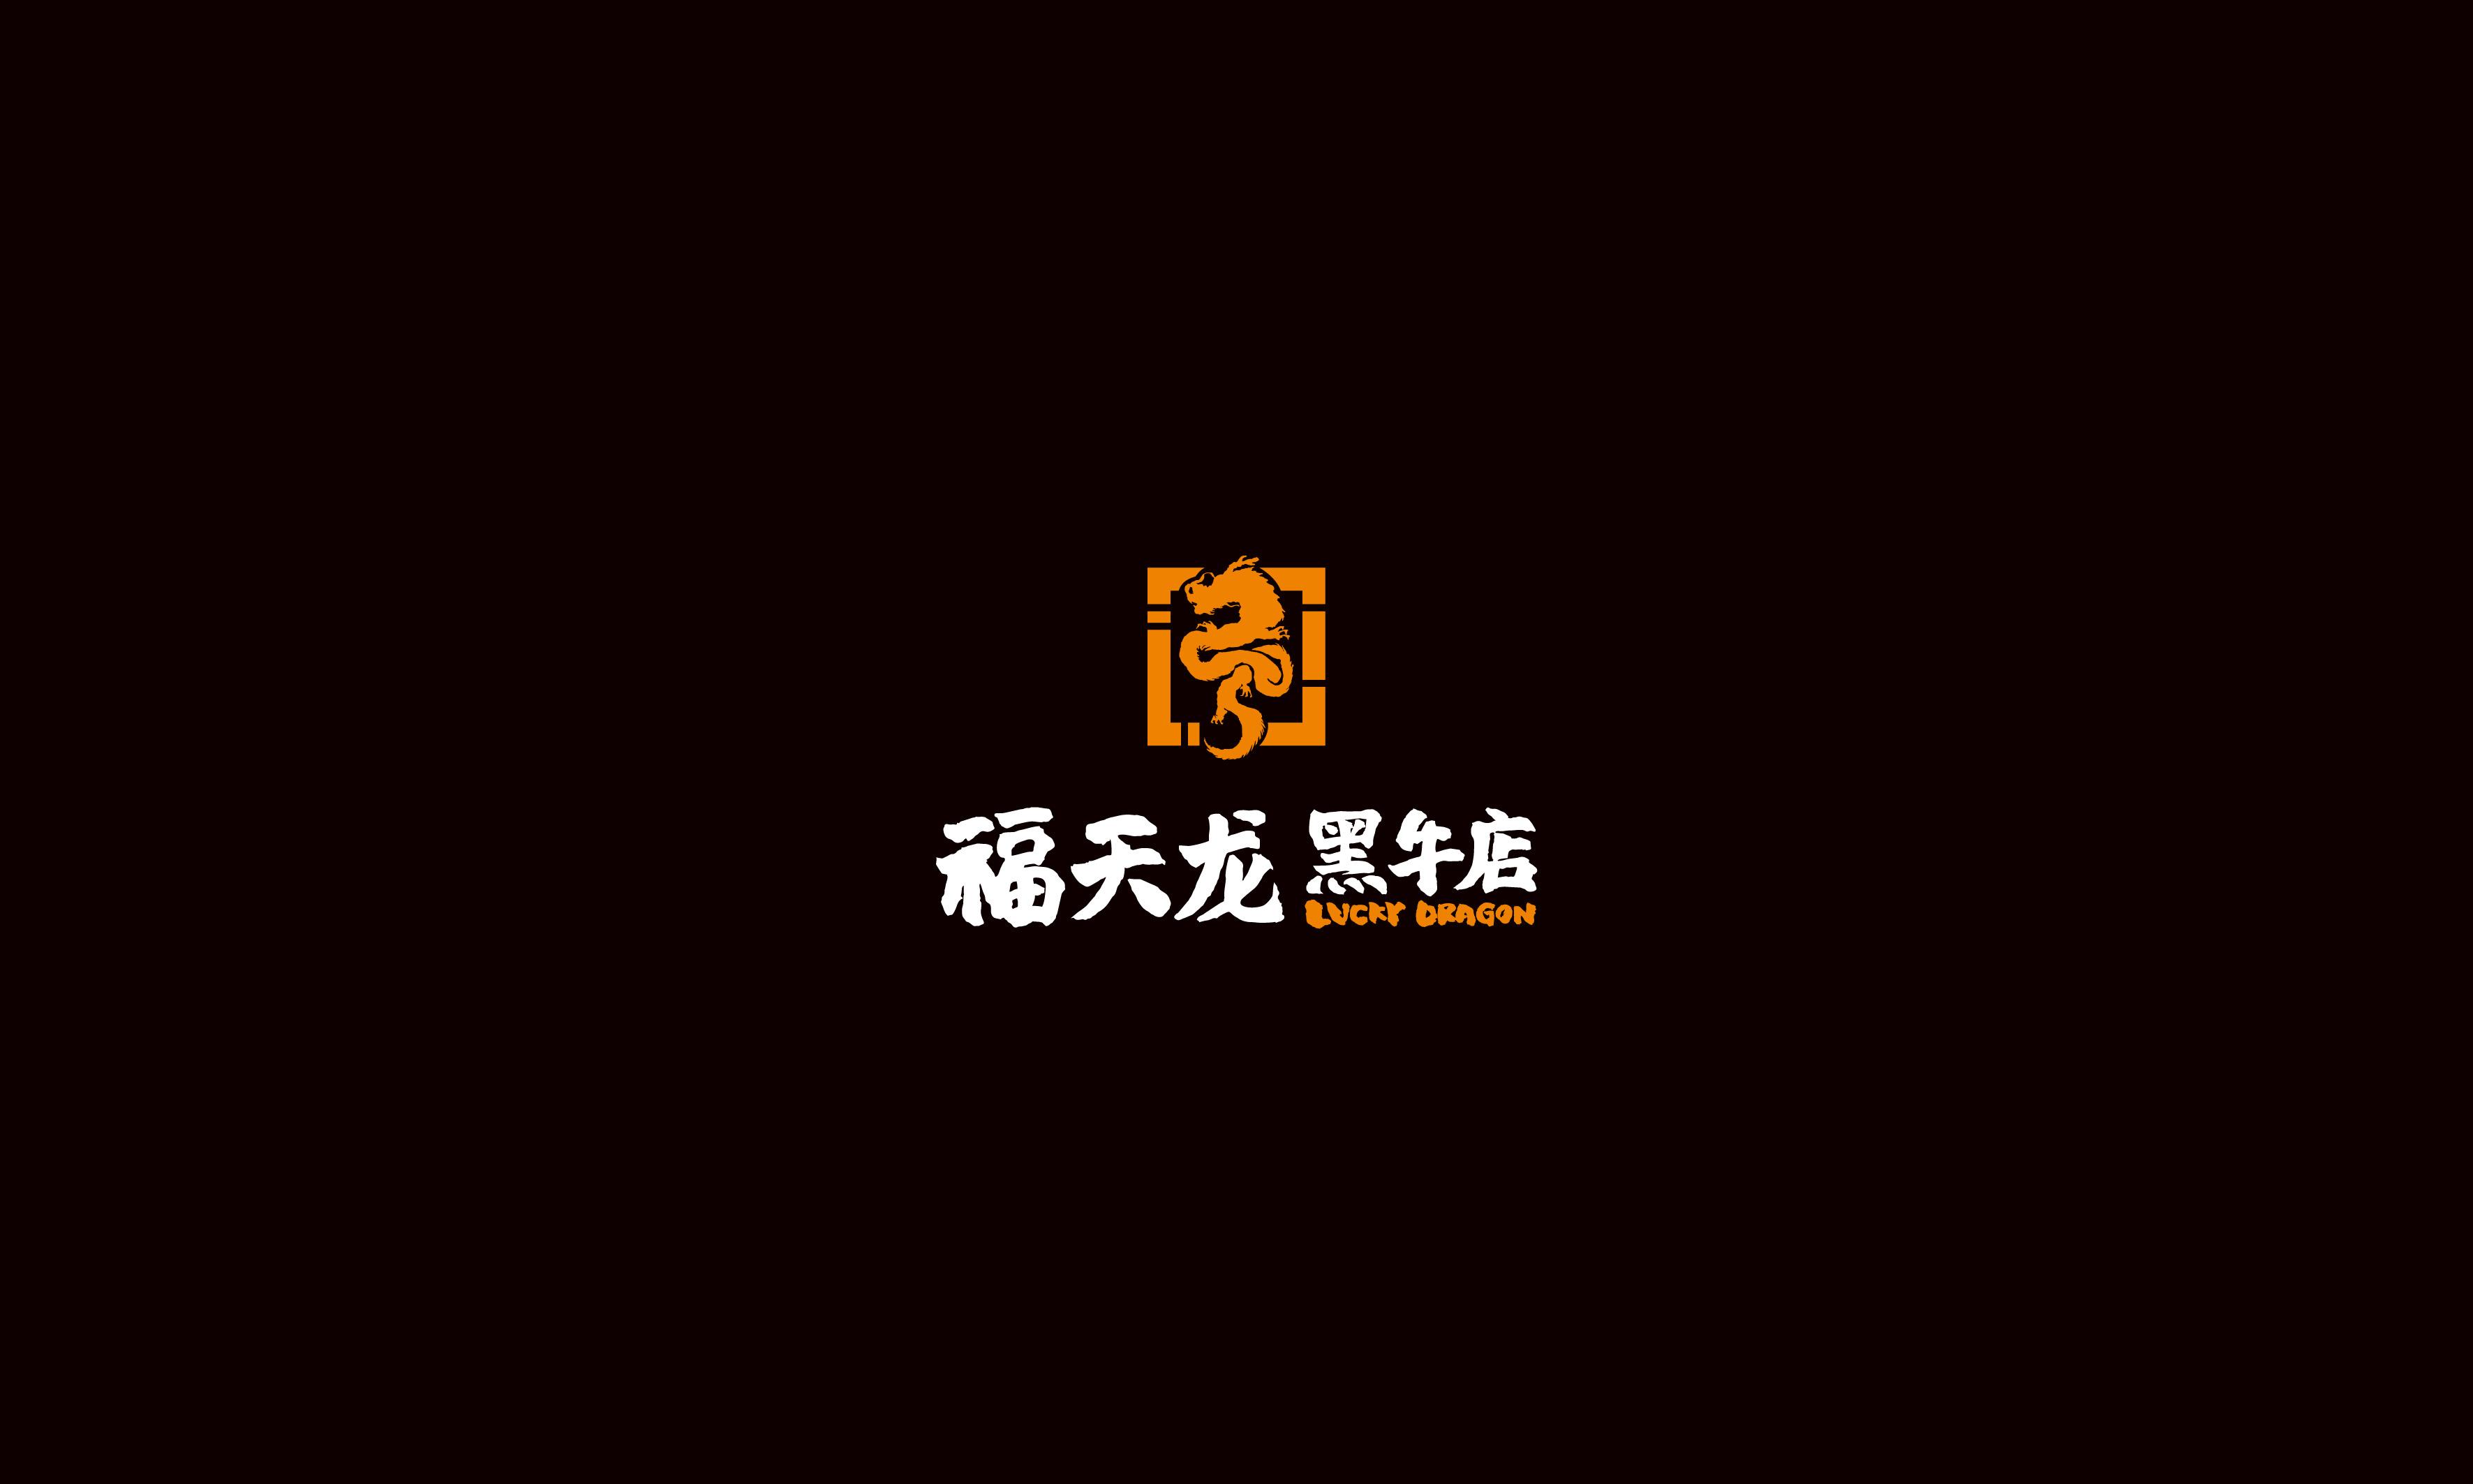 福天龙烧烤